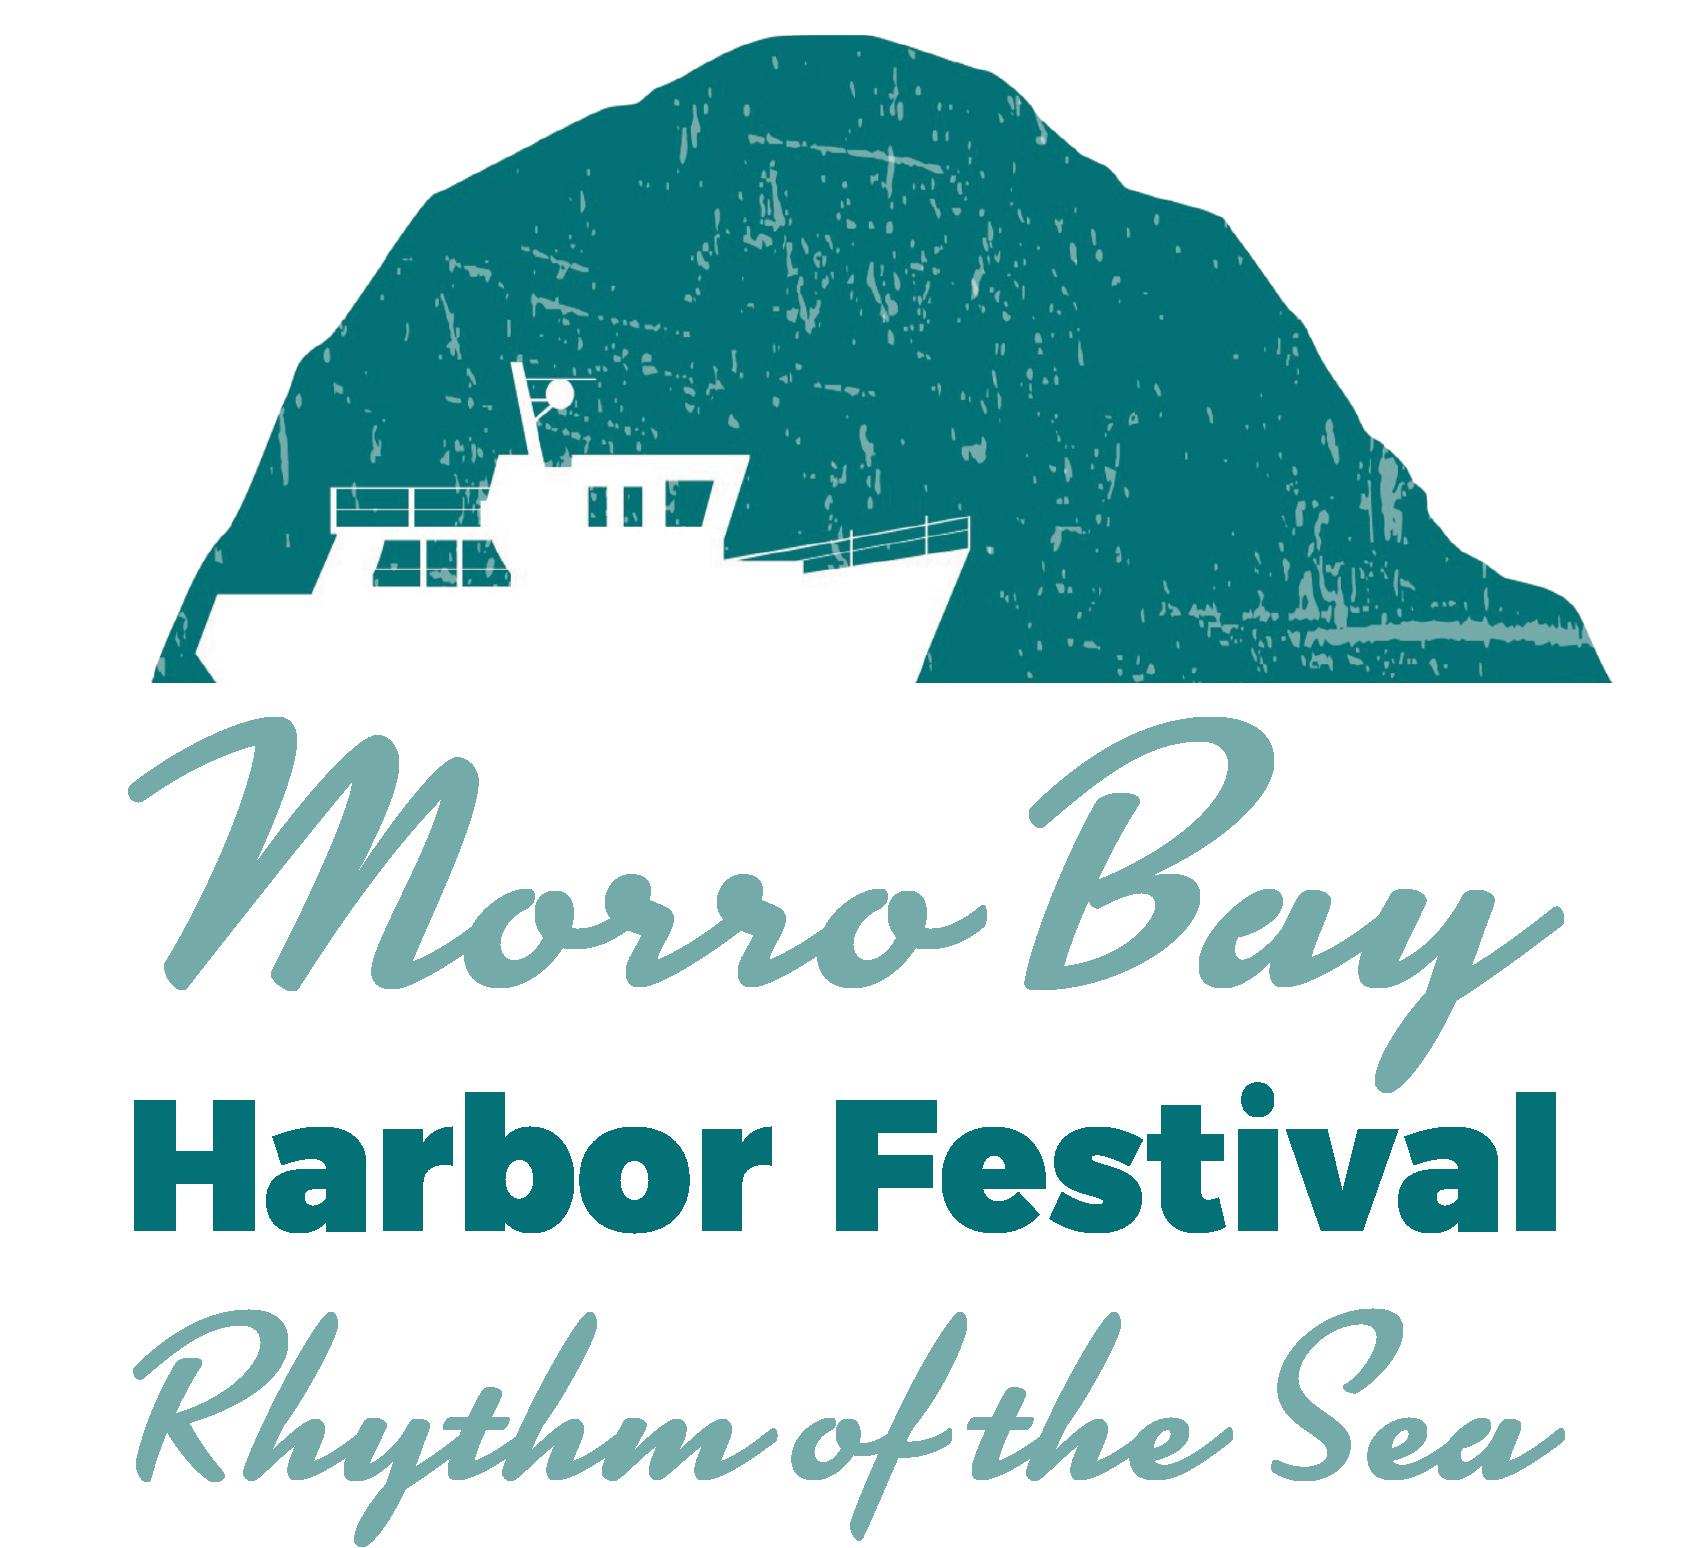 Harbor Festival Fund